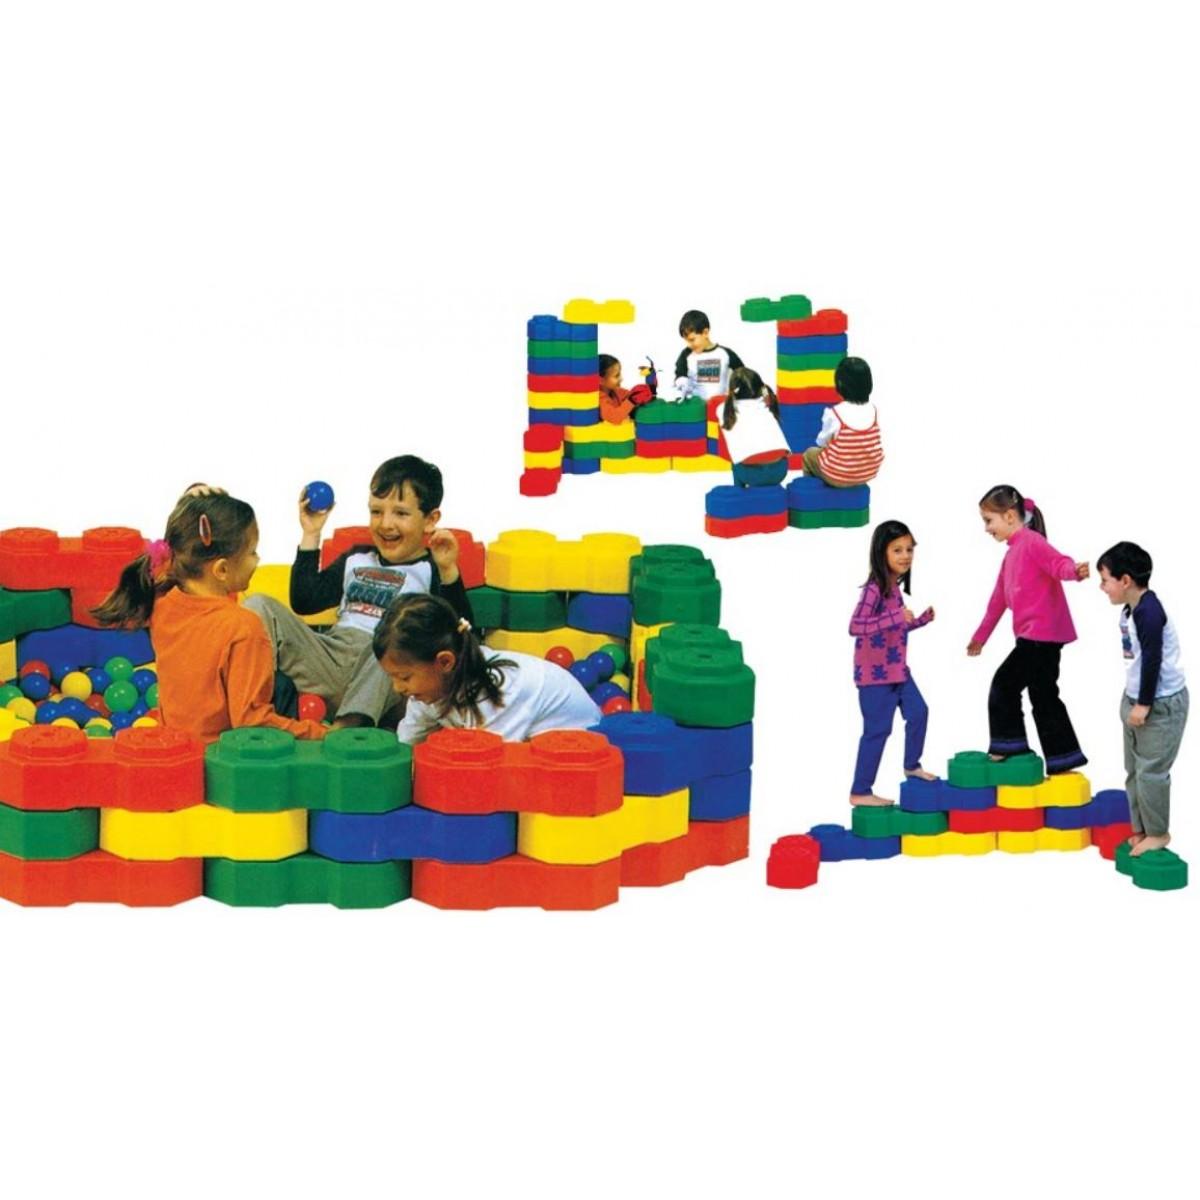 مكعبات بلاستيك كبيرة ثمانية الشكل 24 قطعة